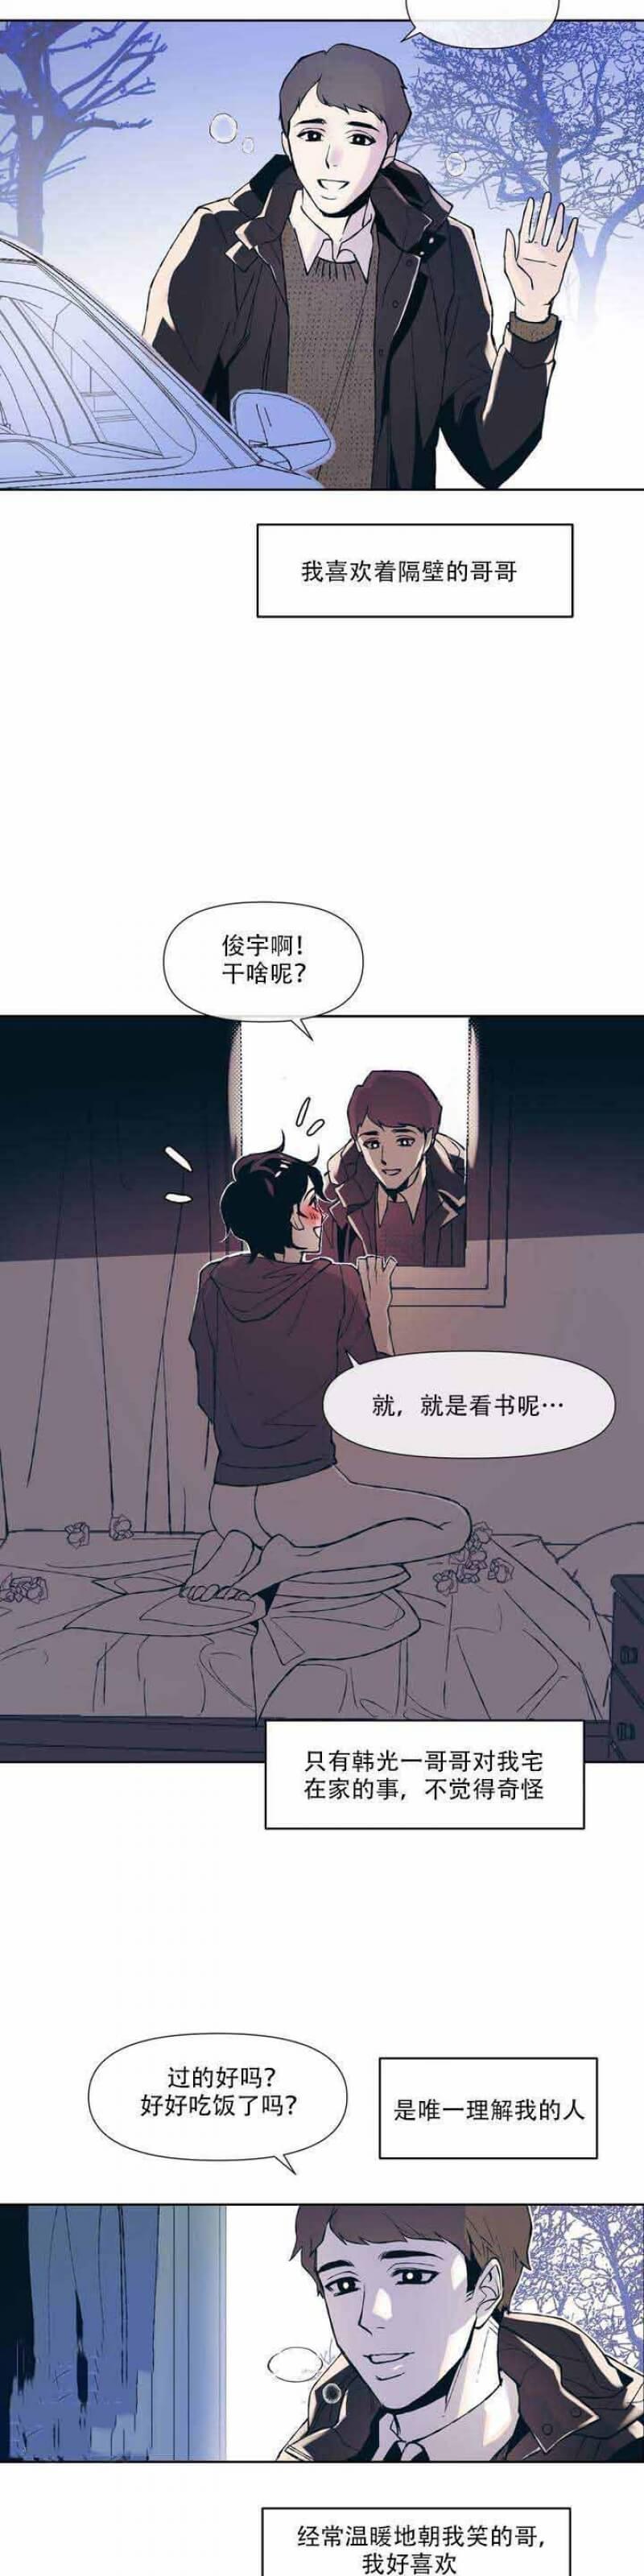 韩漫 |《偶然同居》偶然的同居,偶然的爱情!  第10张